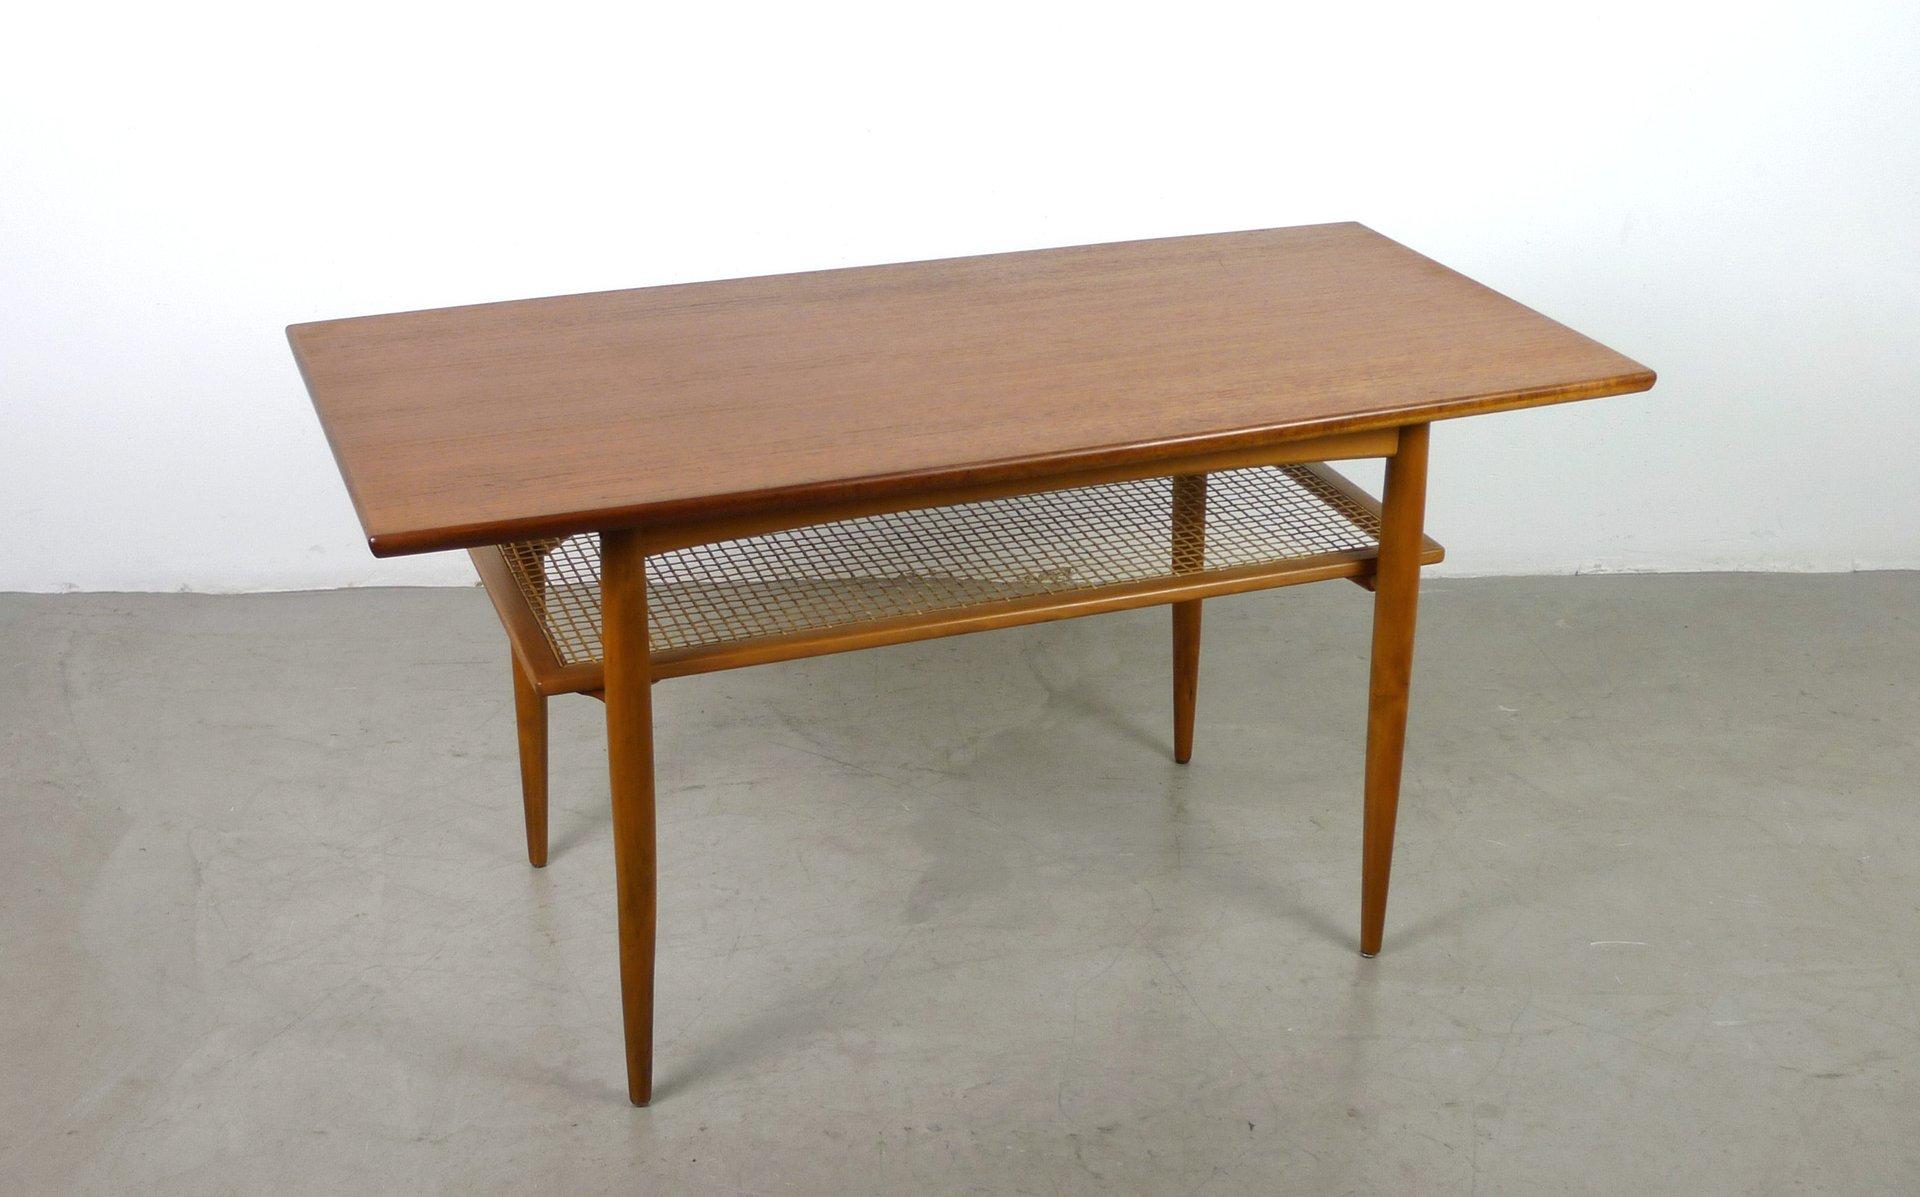 teak couchtisch mit ablage von knoll 1950er bei pamono kaufen. Black Bedroom Furniture Sets. Home Design Ideas